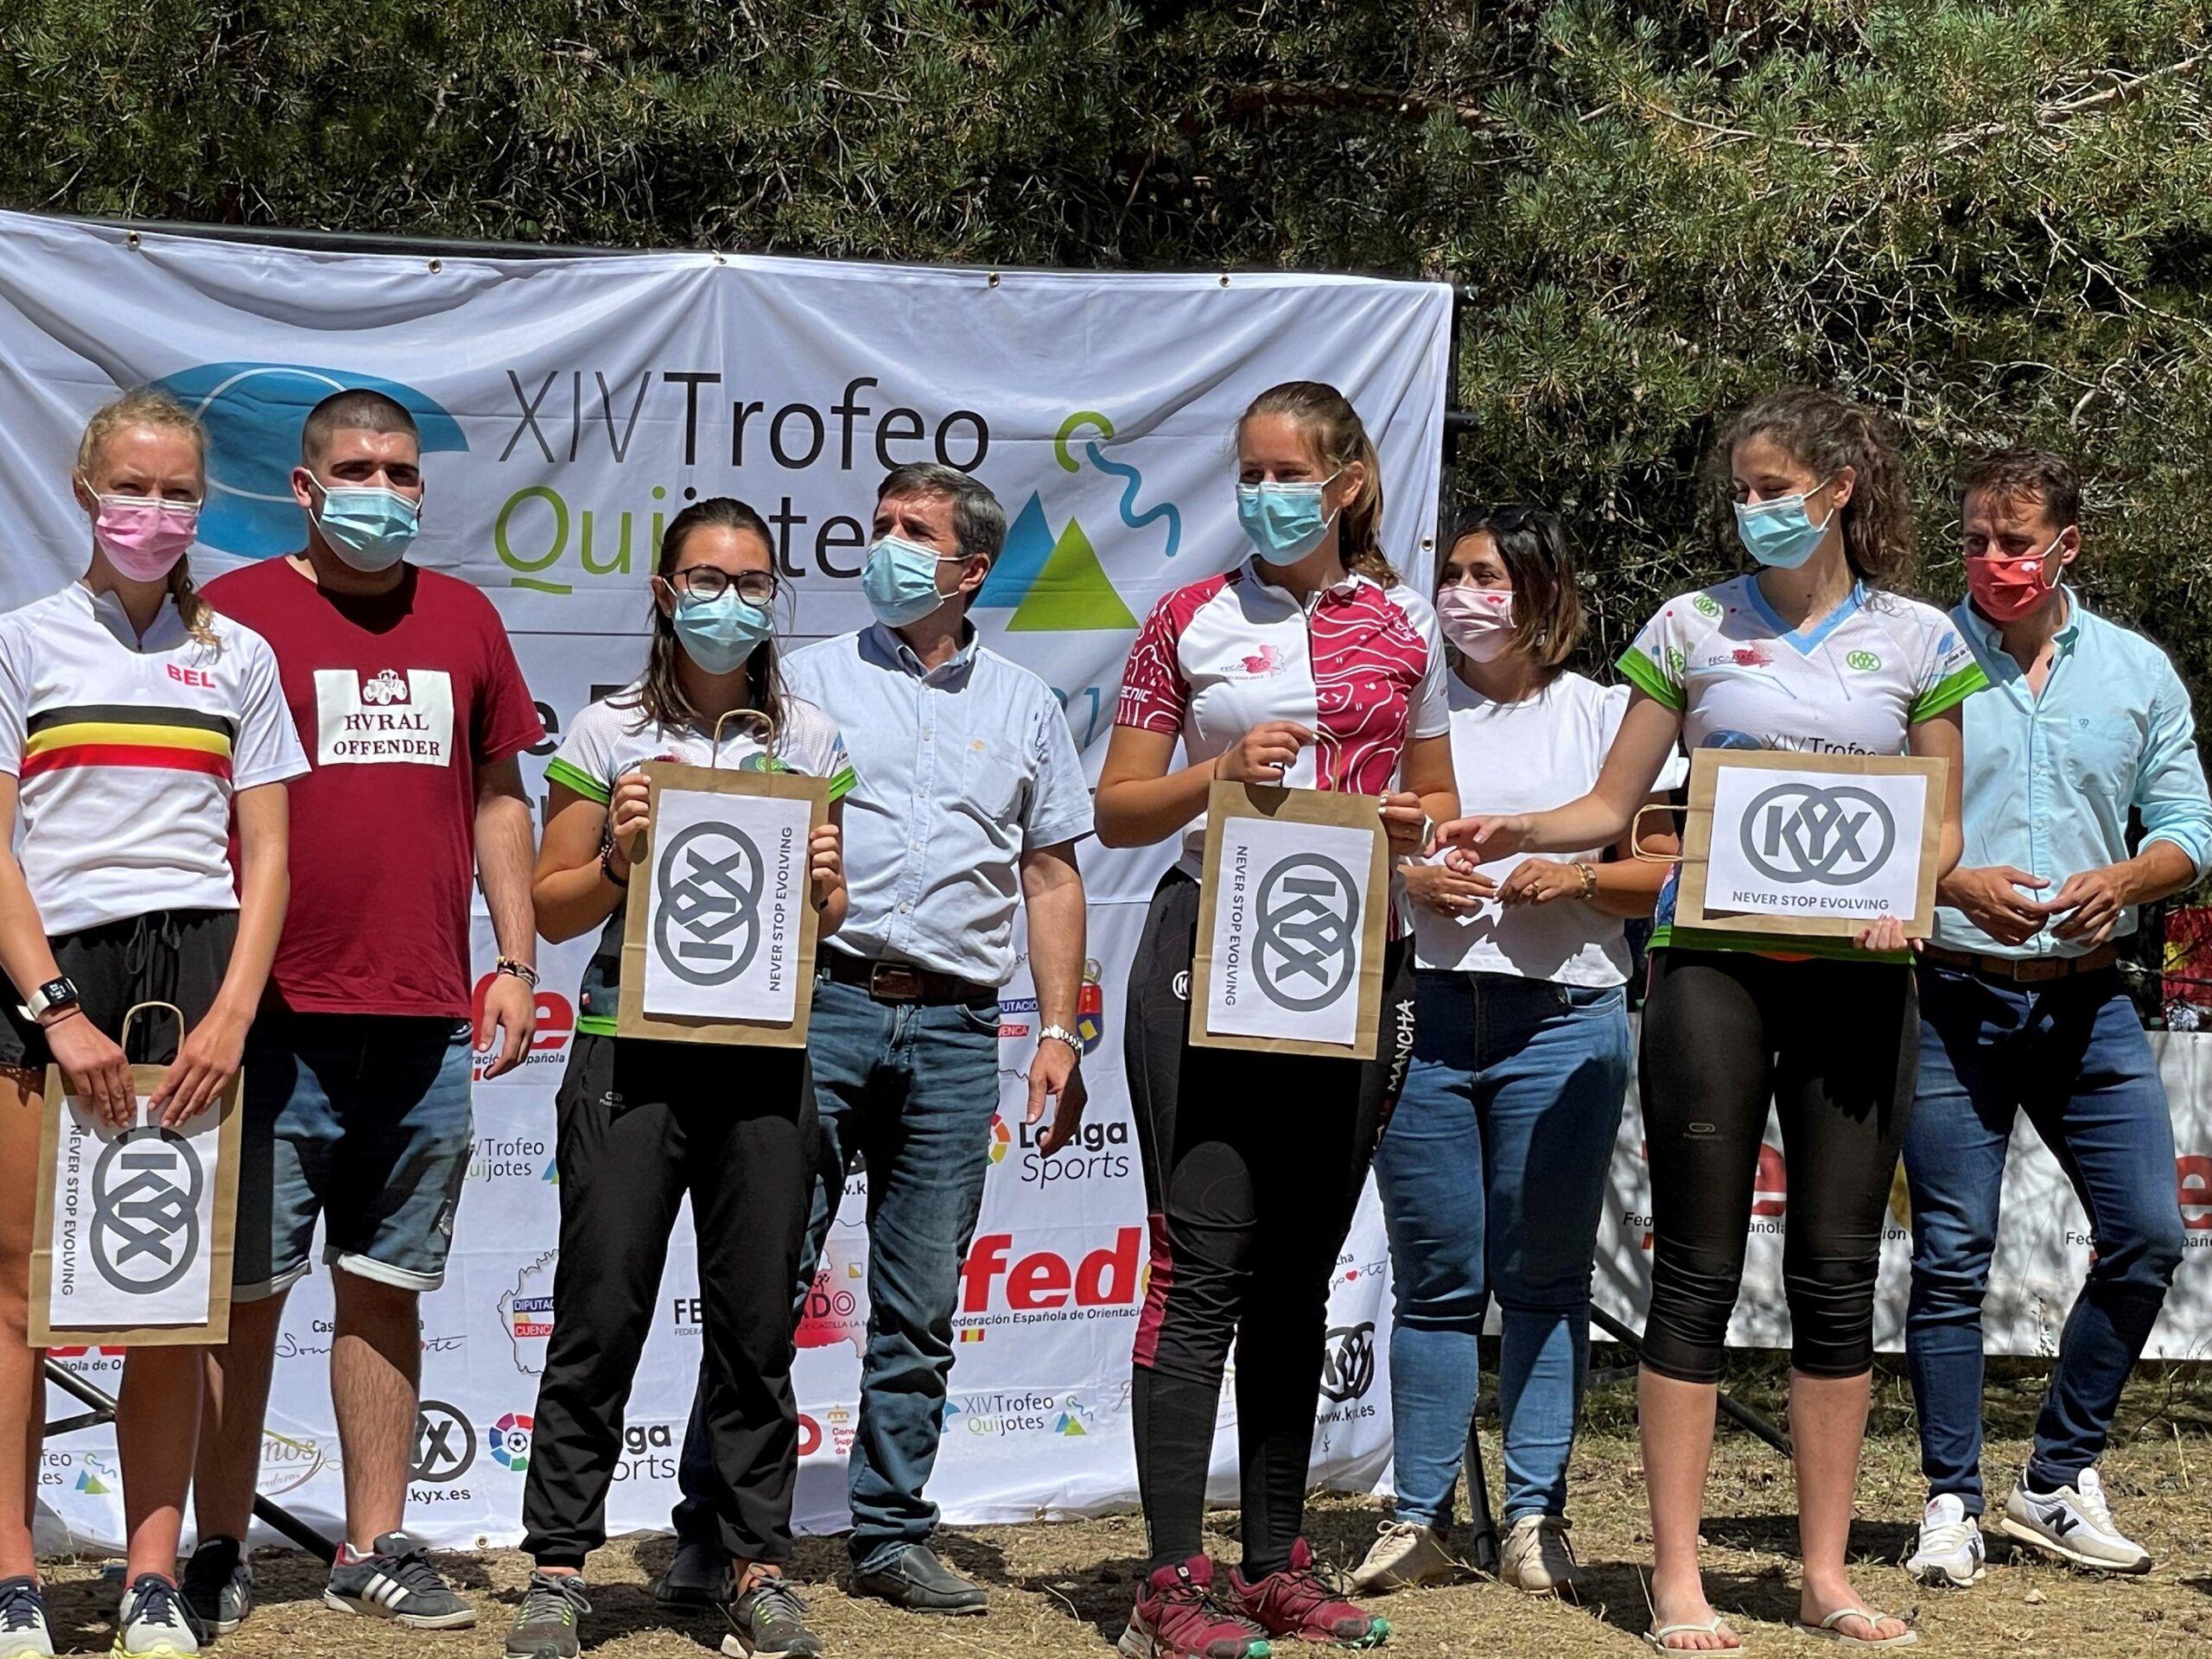 El Gobierno regional muestra su apoyo al XIV Trofeo de orientación 'Quijotes' que llevará deporte y riqueza a la Serranía de Cuenca